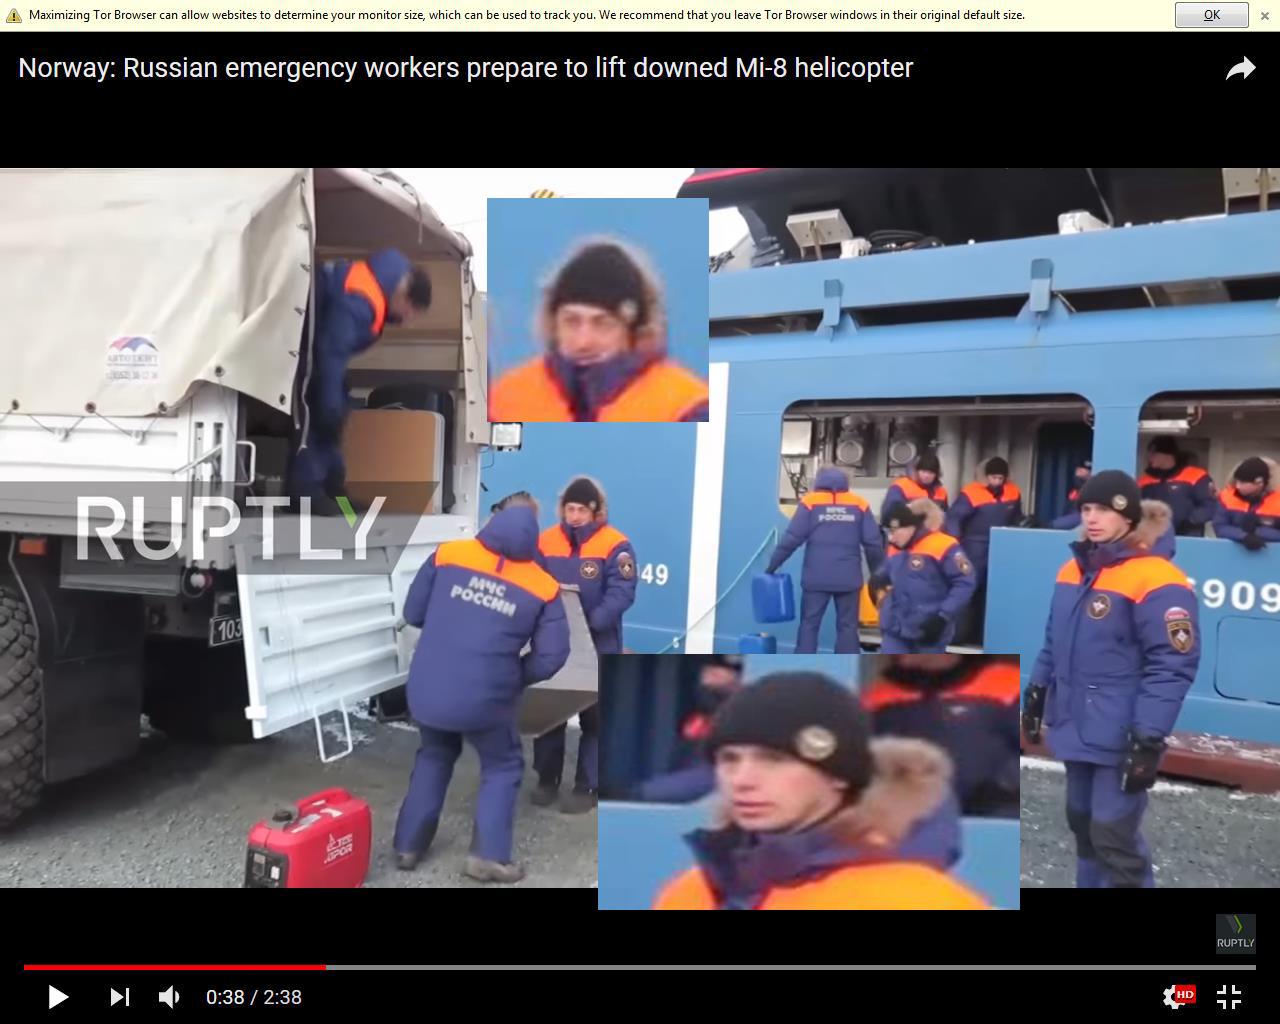 http://images.vfl.ru/ii/1509525194/d5853999/19229537.jpg